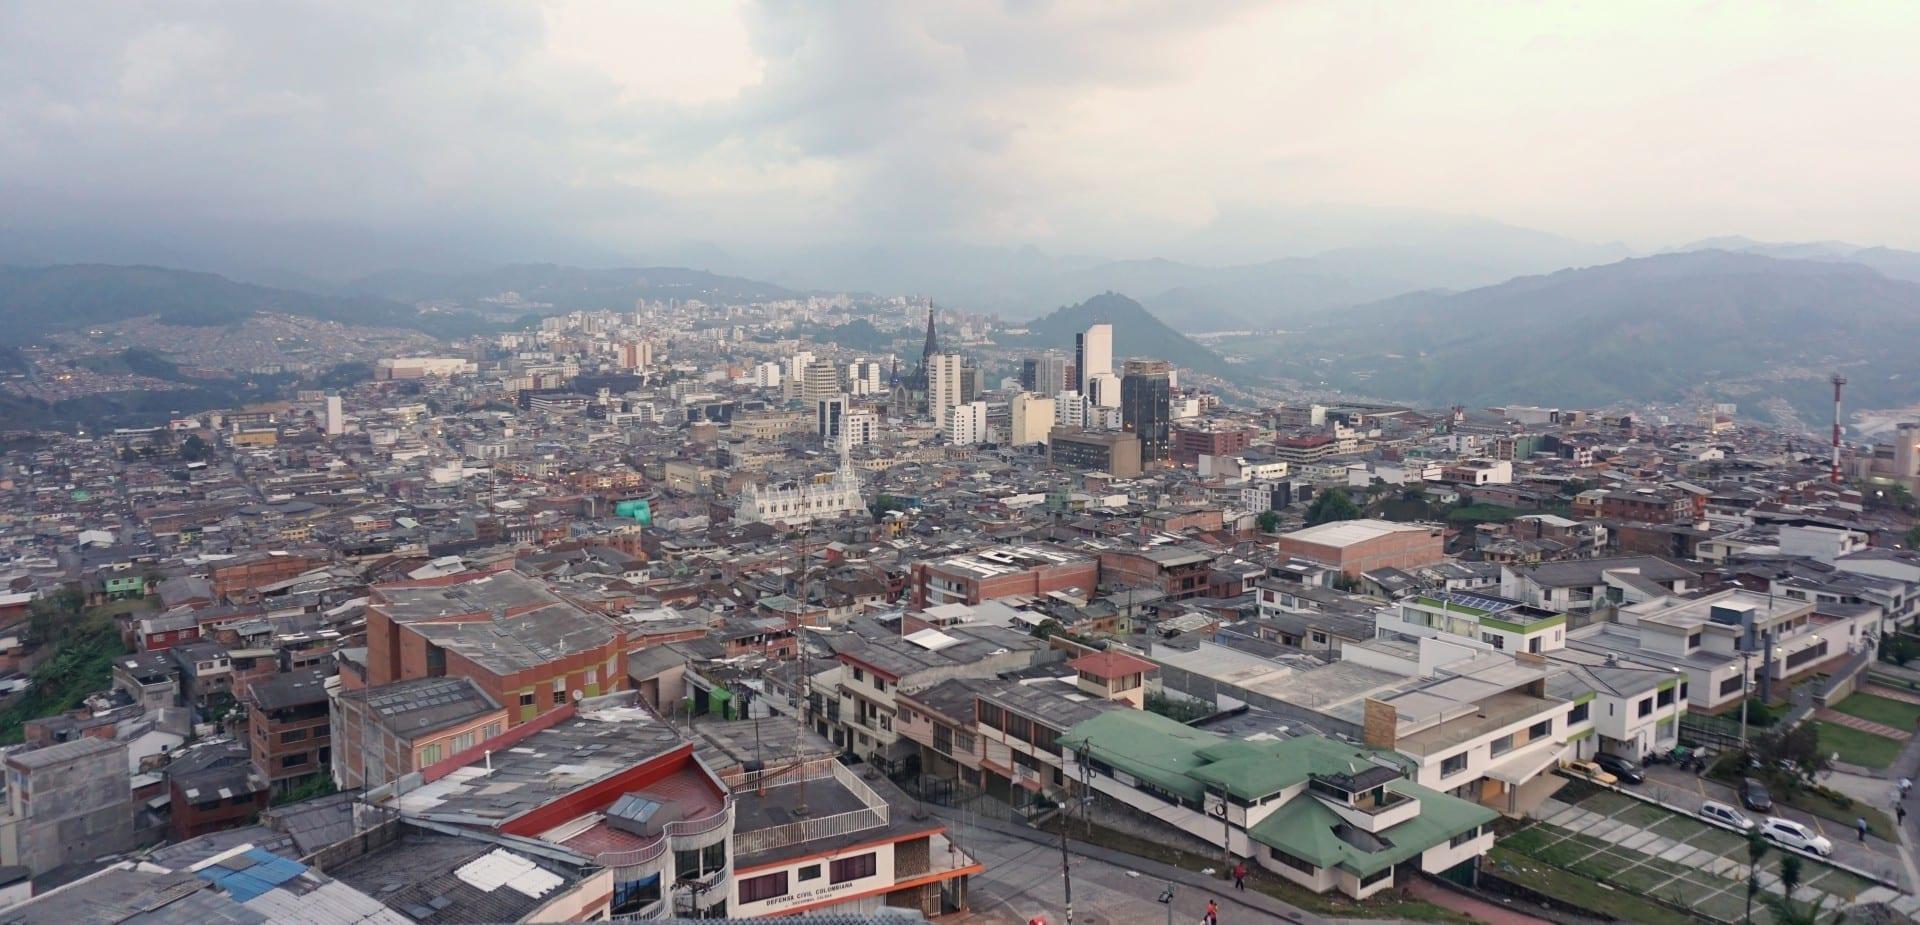 El casco antiguo y el centro de la ciudad de Manizales, visto desde Chipre Manizales Colombia